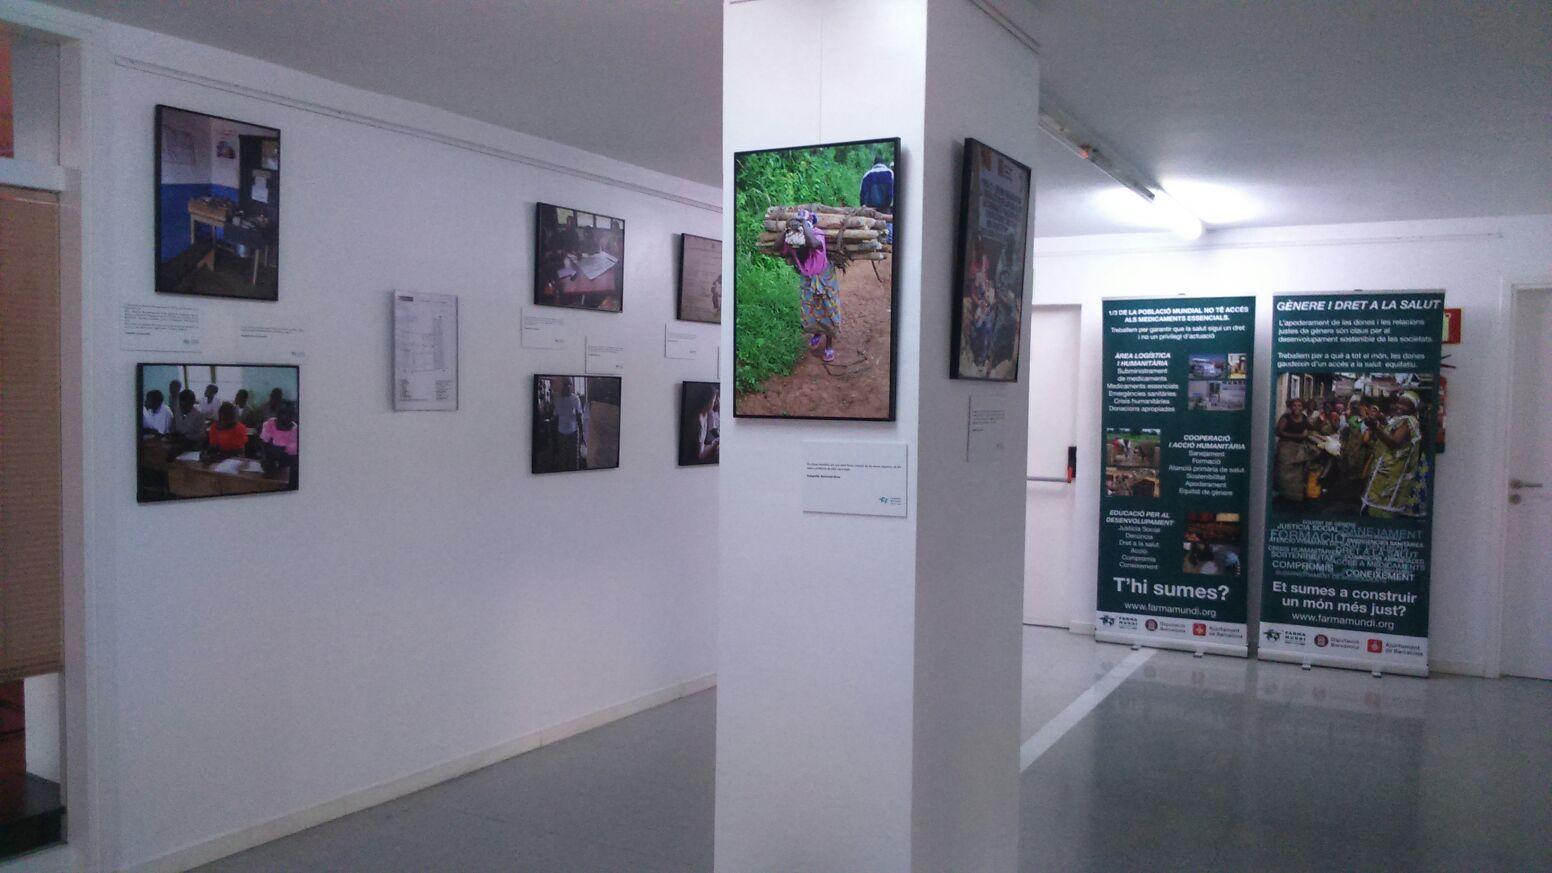 Farmamundi ofrece la exposición Género y Salud en Barcelona